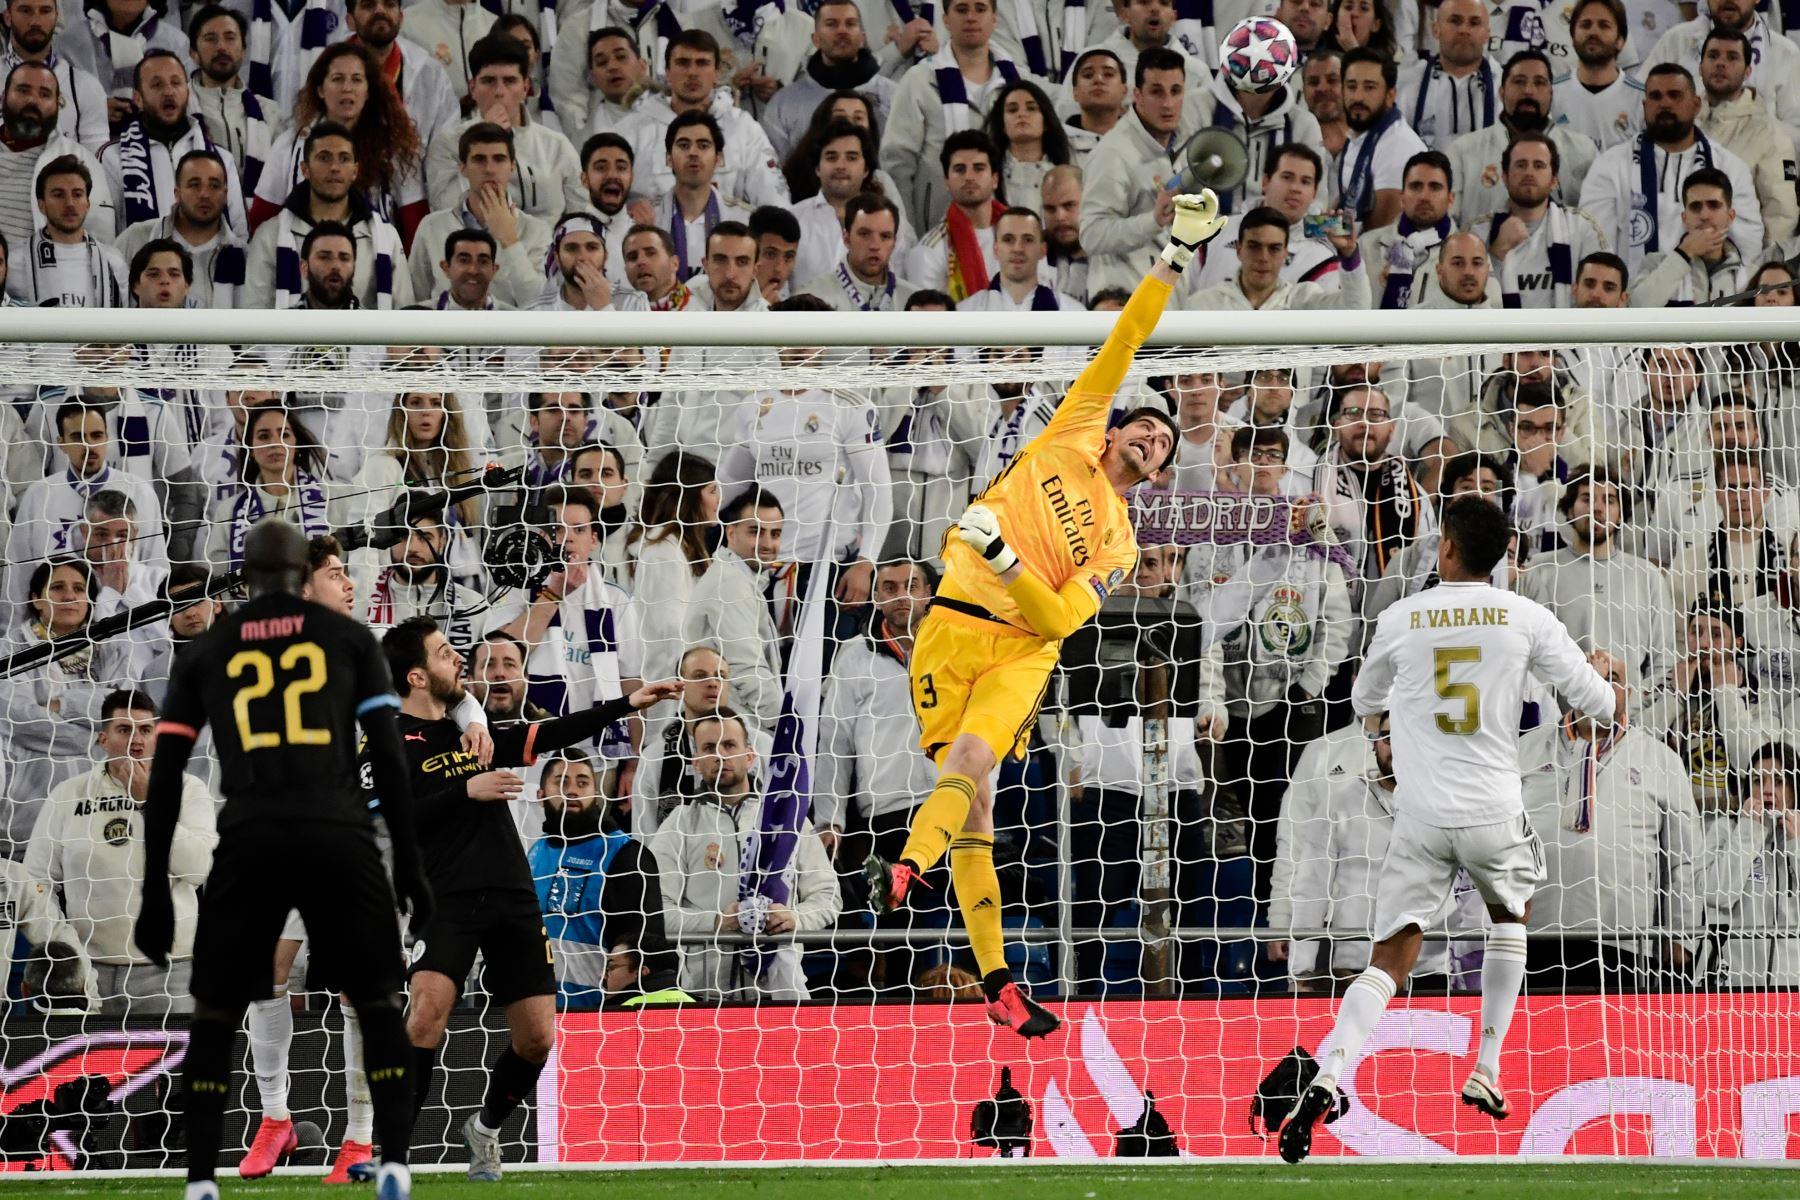 El portero belga del Real Madrid, Thibaut Courtois, despeja el balón durante la ronda de 16 partidos de fútbol de ida de la UEFA Champions League entre el Real Madrid CF y el Manchester City. Foto: AFP